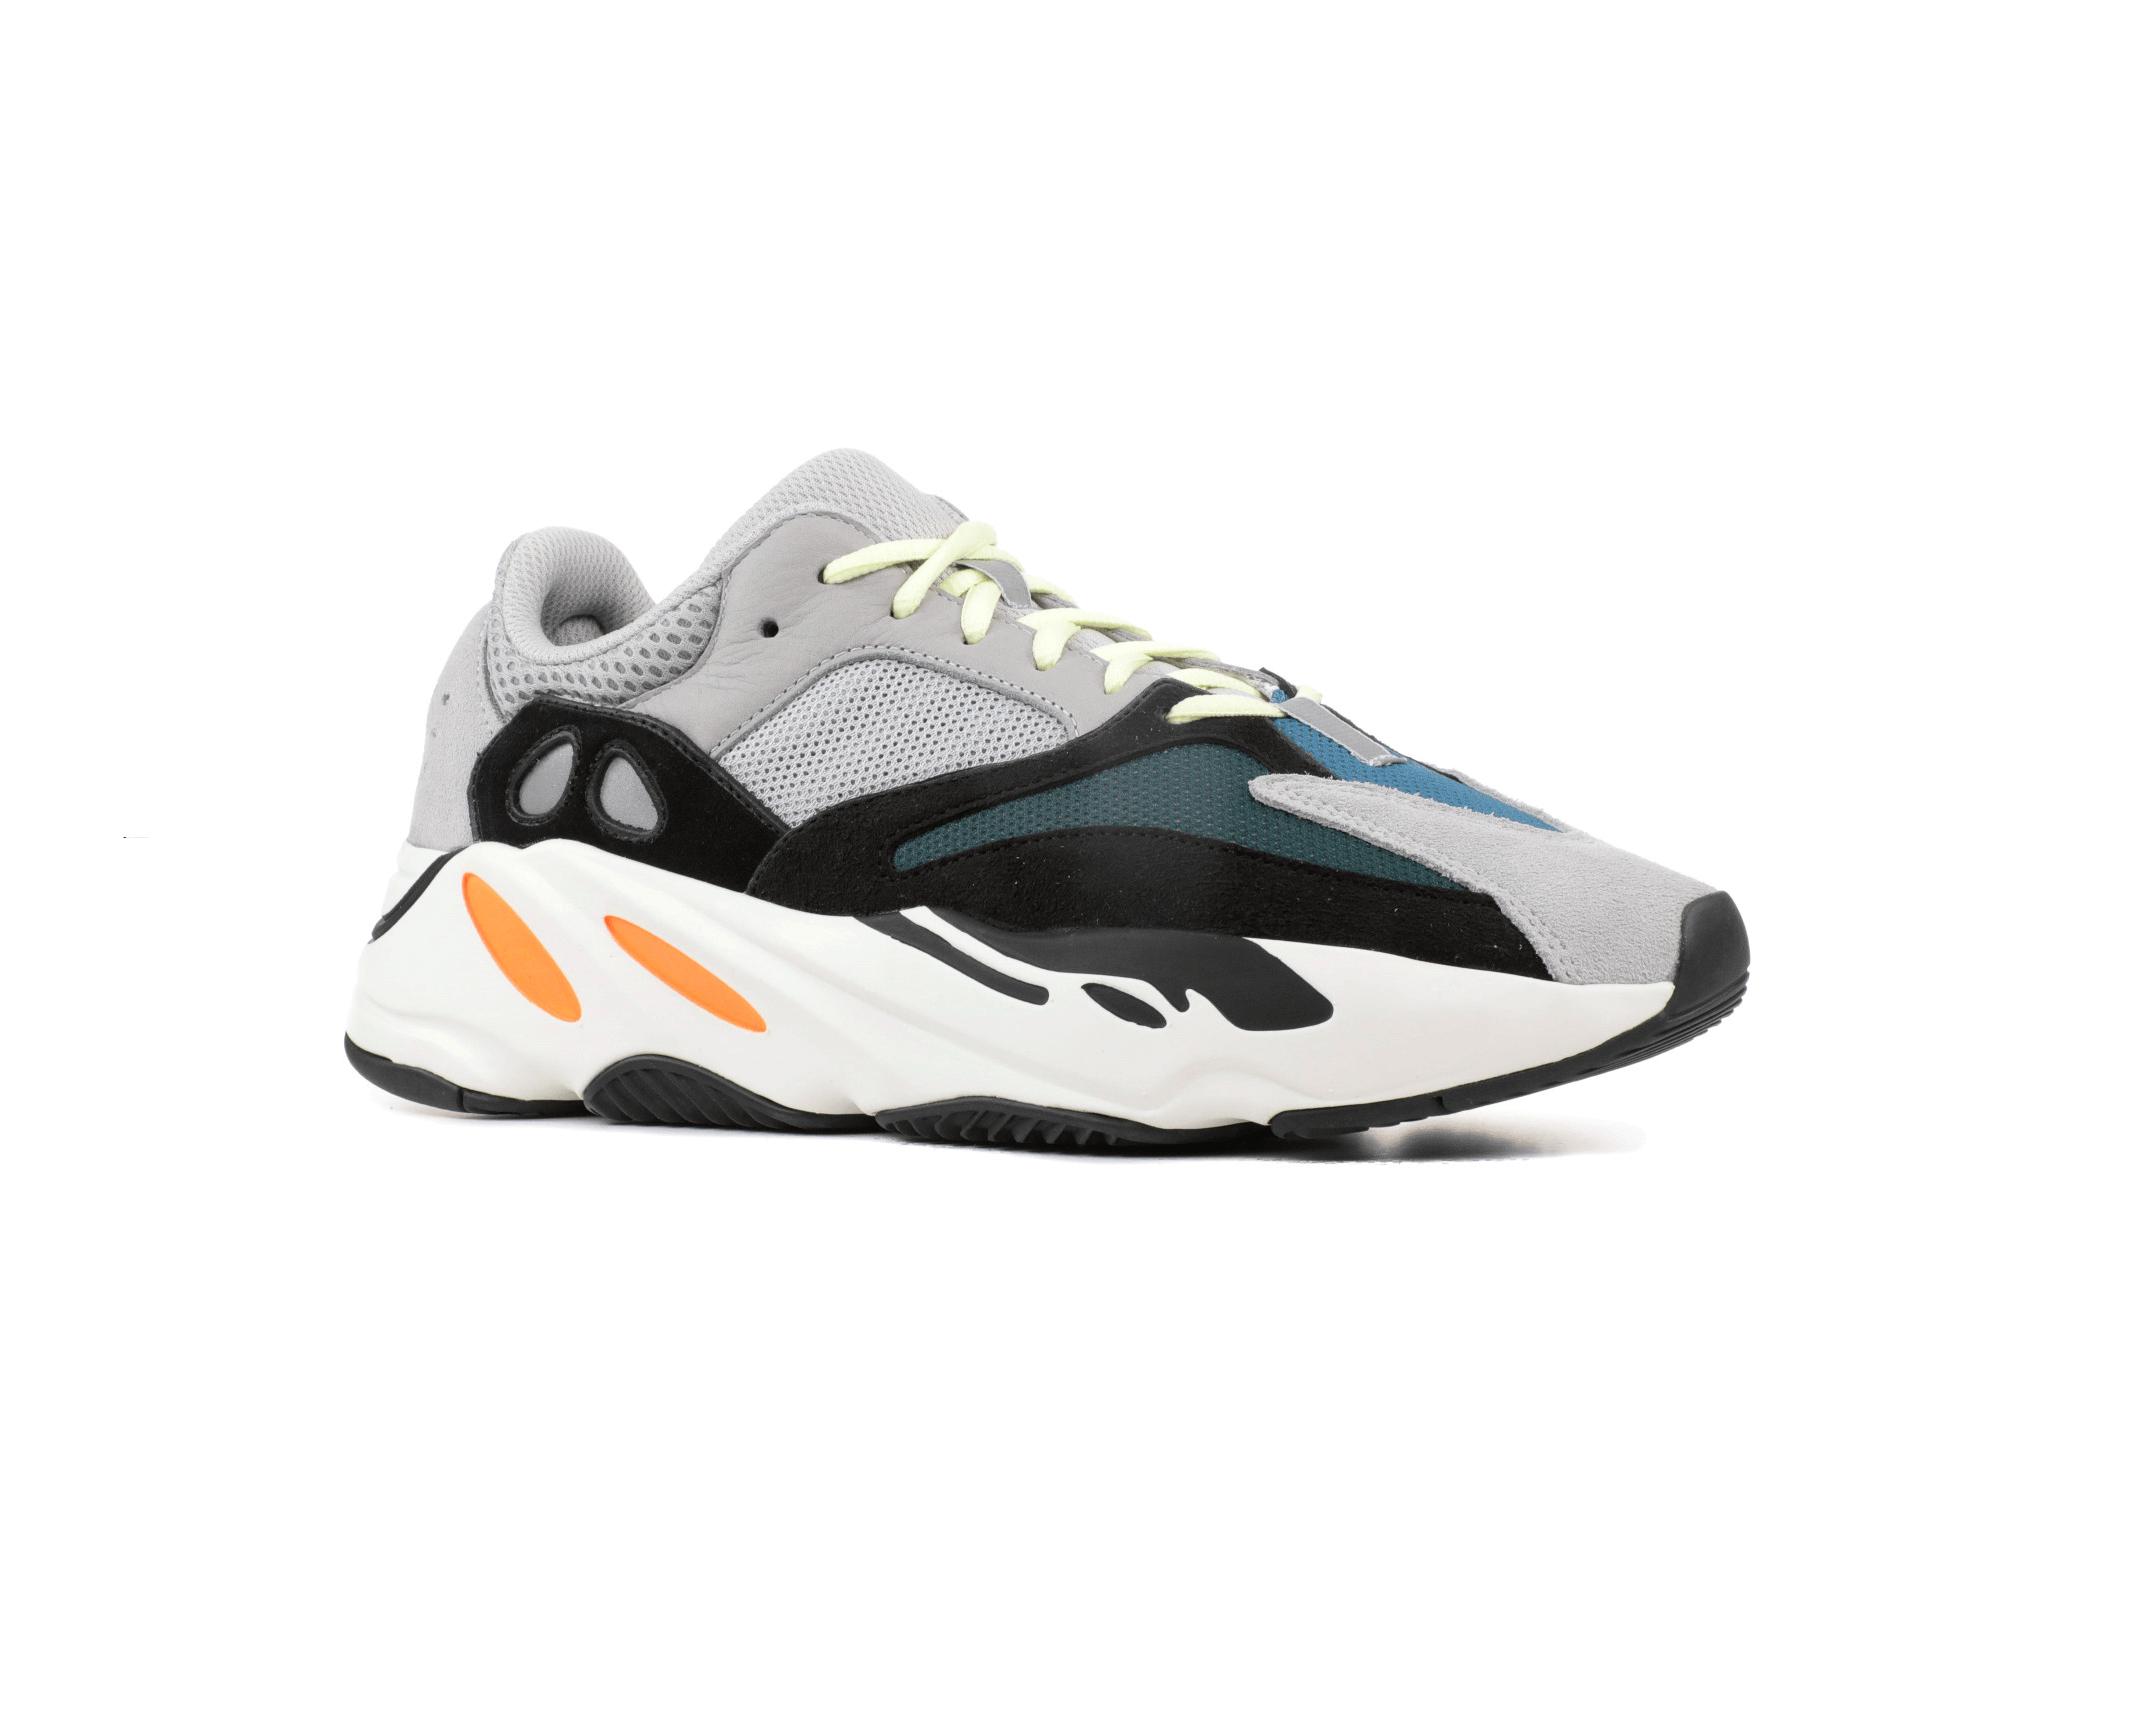 848ee7279f4 Adidas Yeezy 700 Wave Runner – Kerimago